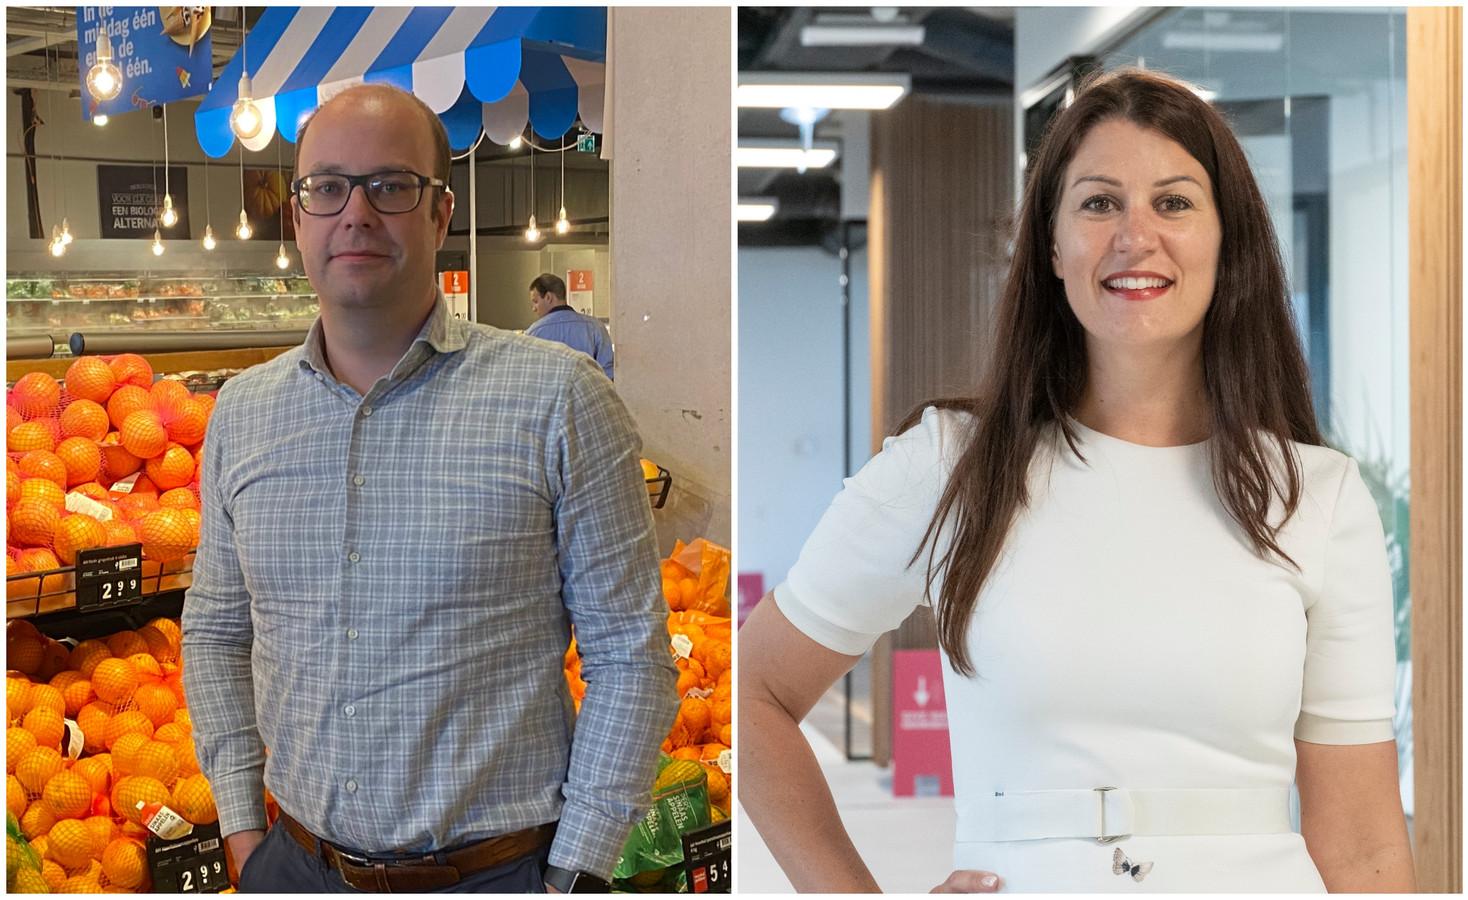 Bart Hofmans (41) en Kelly Grooteman (38) begonnen allebei onderaan de ladder en zijn nu manager en directeur.